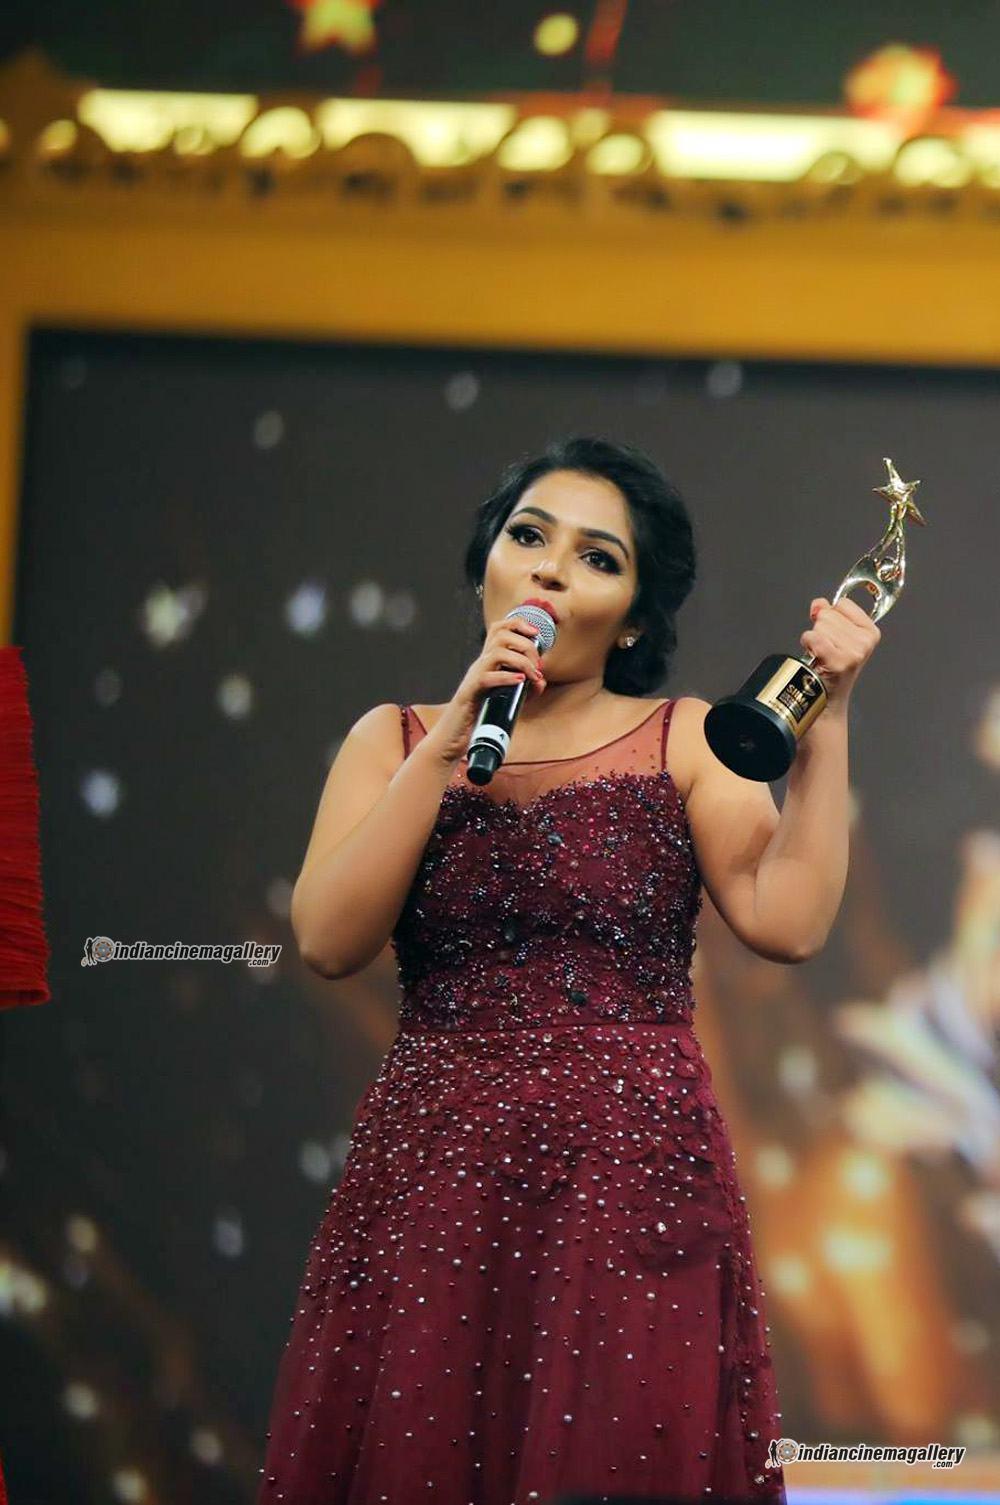 rajisha vijayan at siima awards 2017 (2)